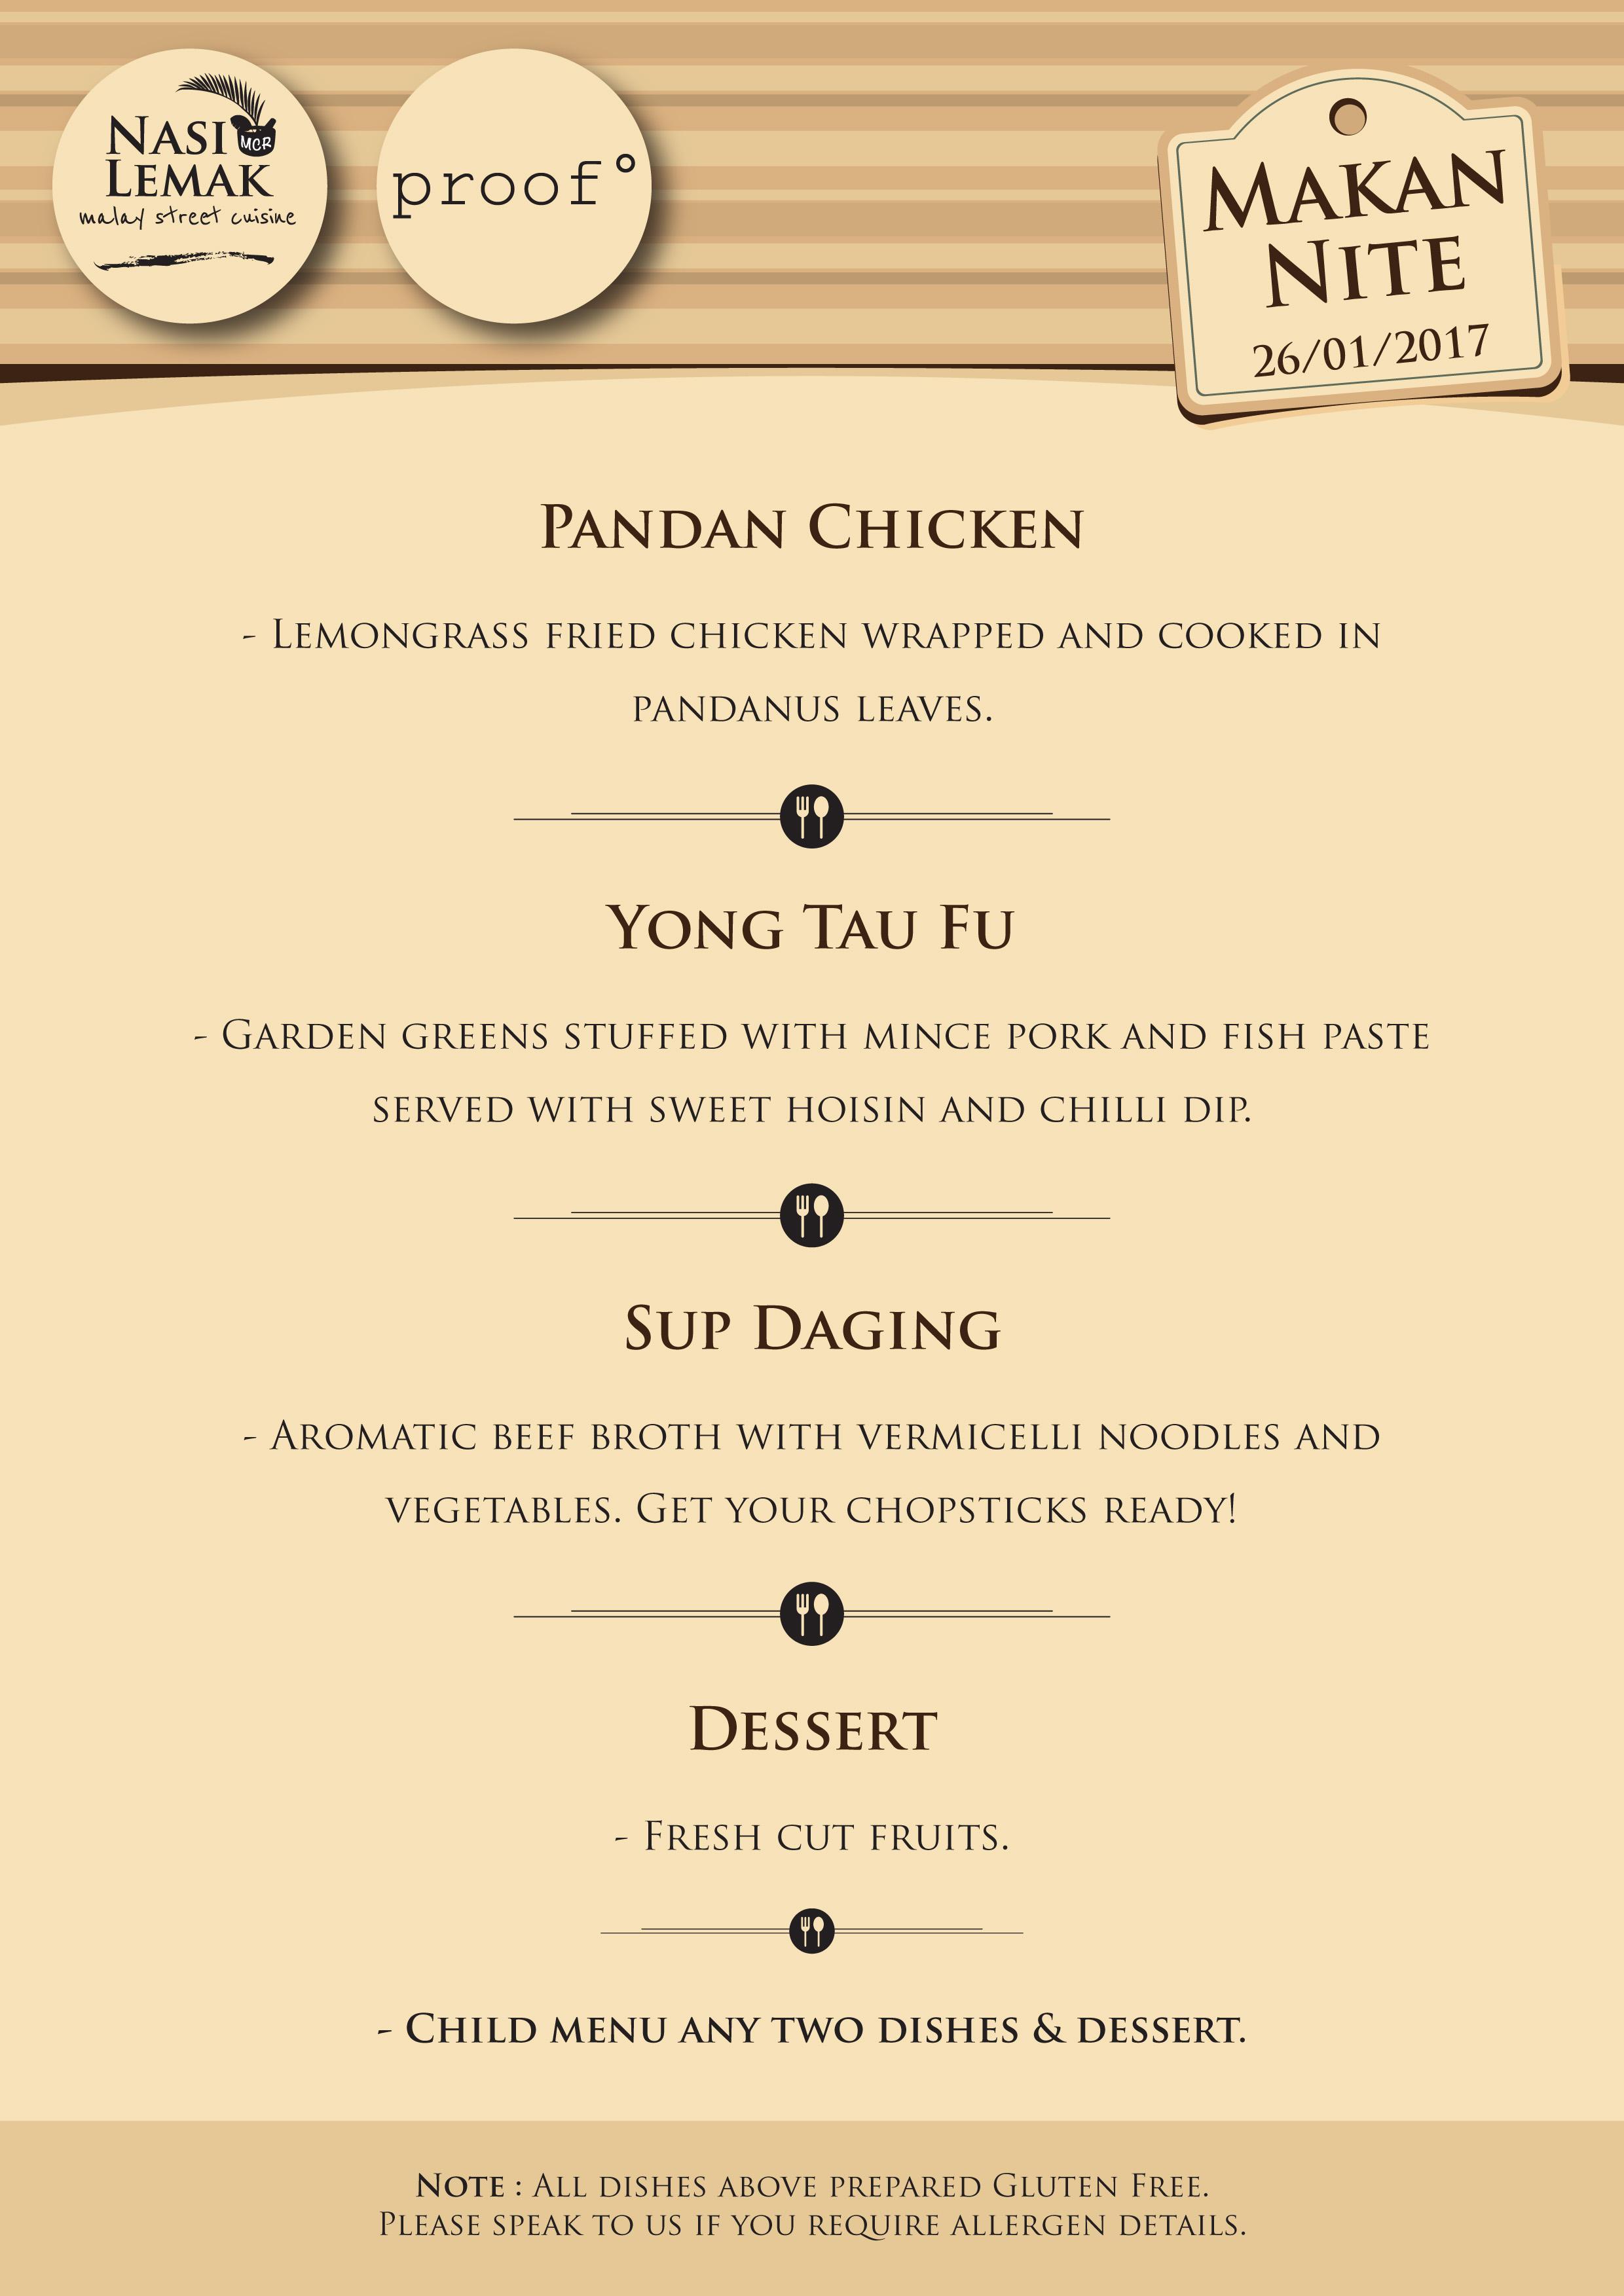 Makan Nite II menu